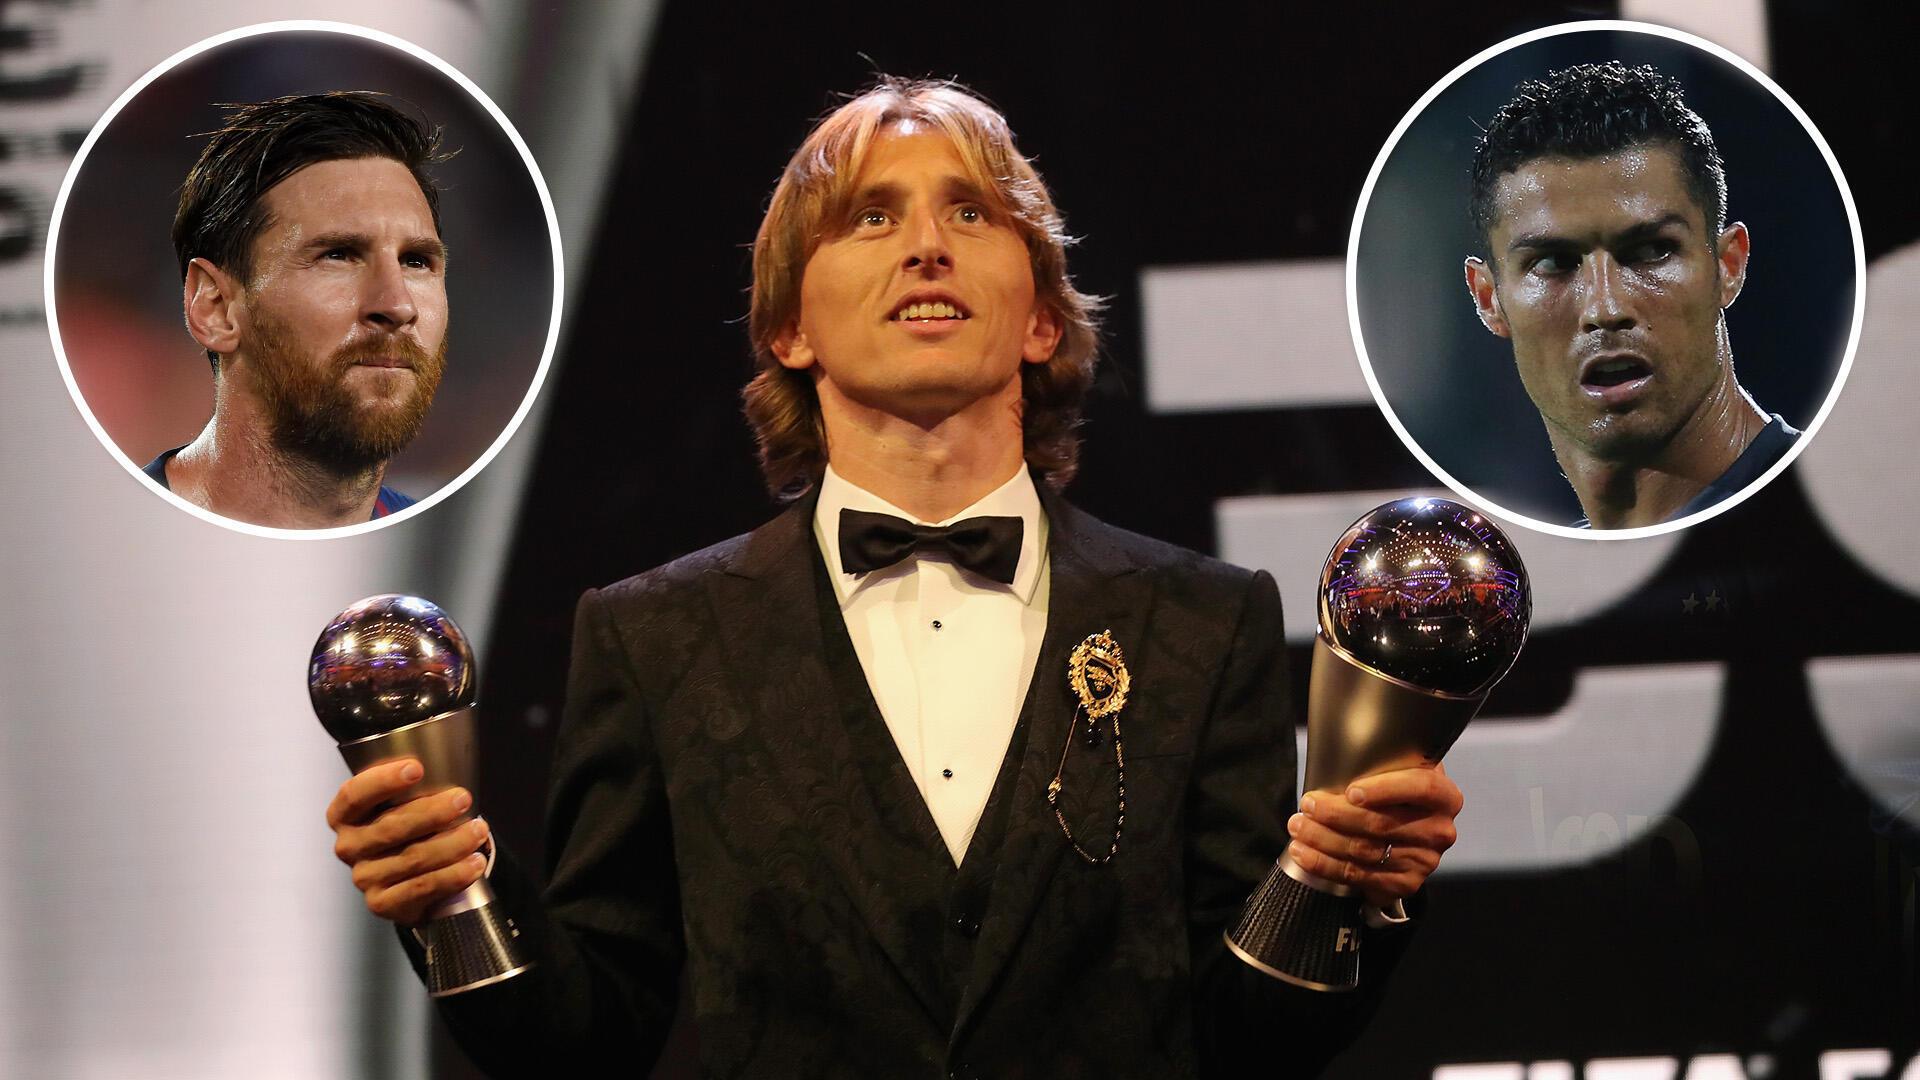 Luka Modric ya kawo karshen shekaru 10 na Ronaldo da Messi wajen lashe kyautar gwarzon dan wasa ta Ballon d'Or.